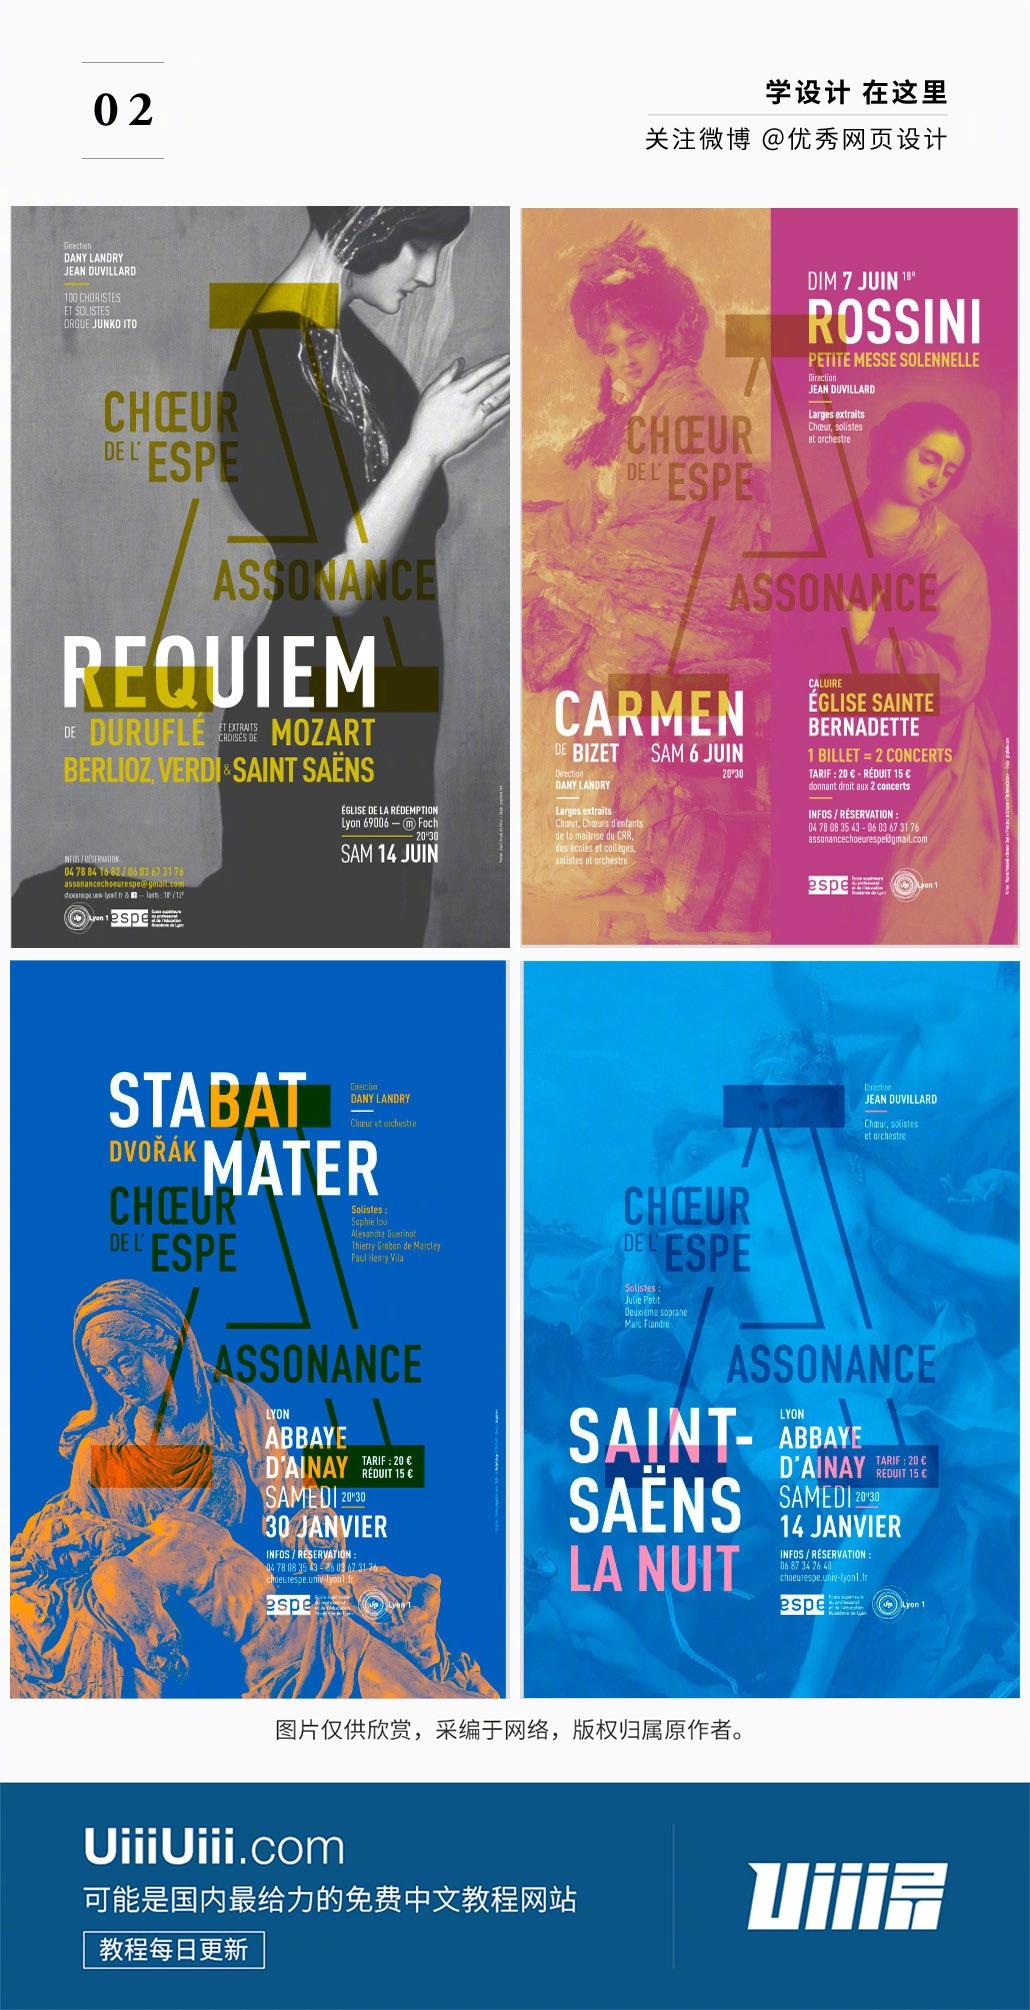 设计师如何制作系列海报?